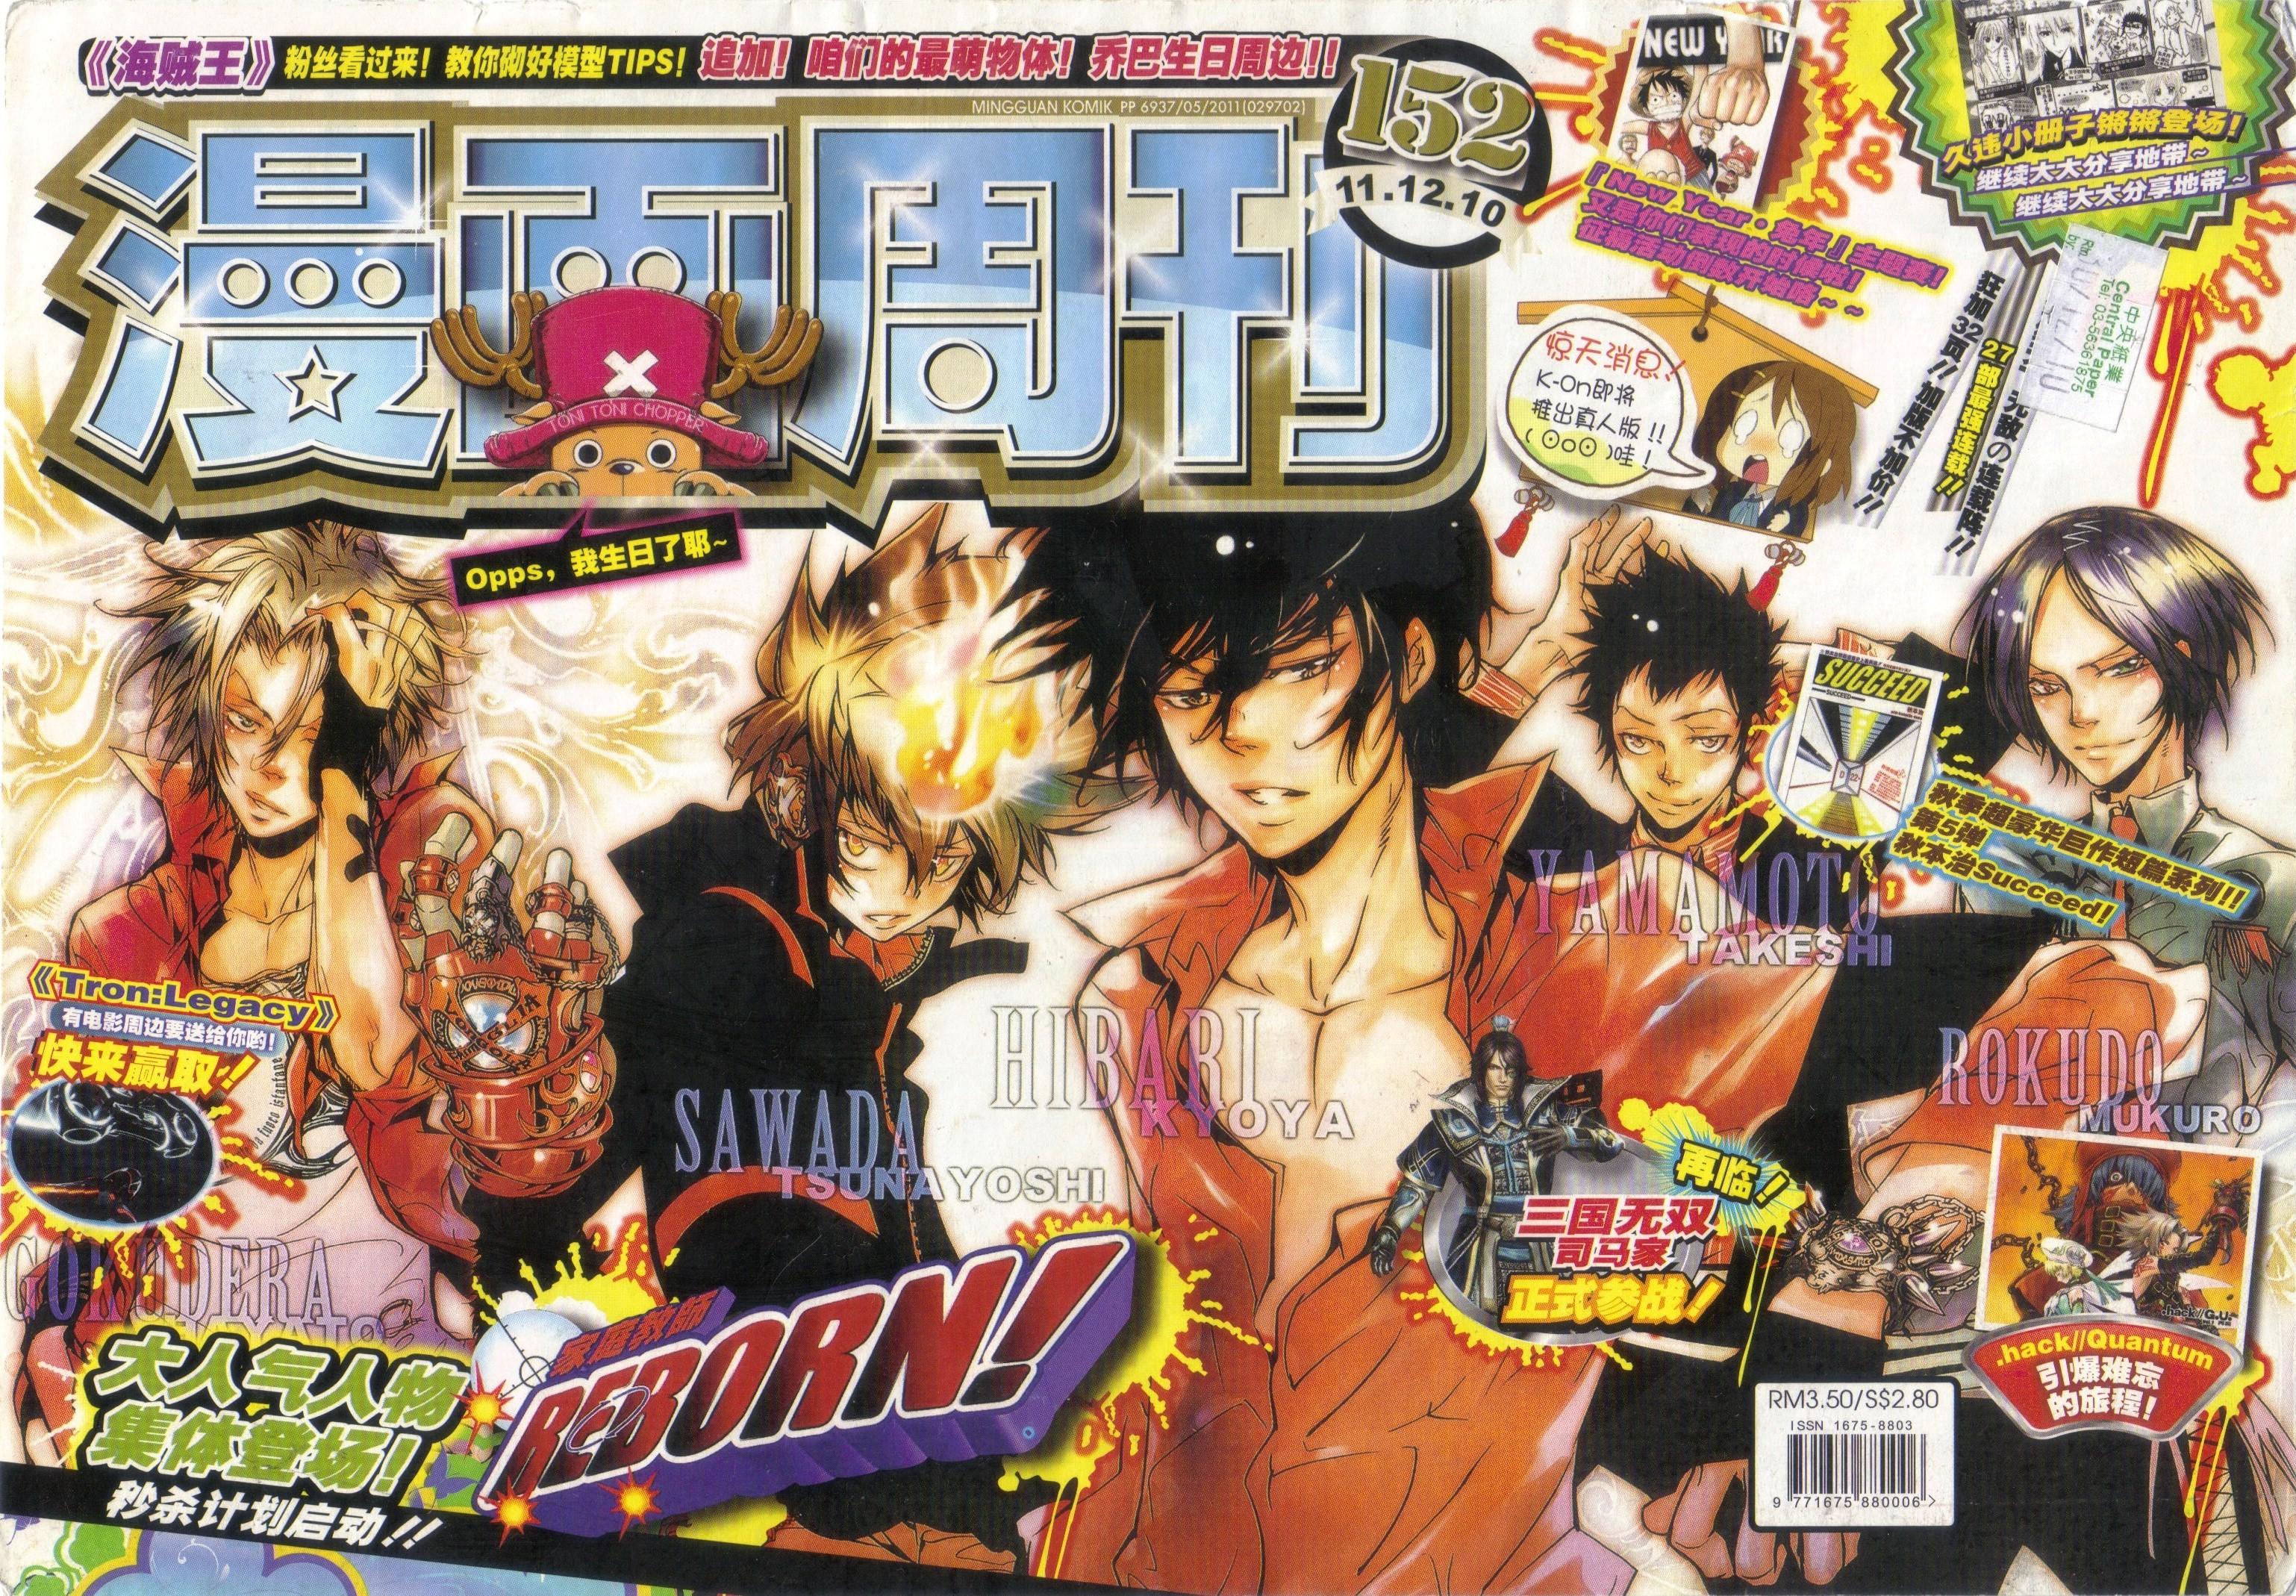 Katekyo Hitman Reborn Image 651481 Zerochan Anime Image Board